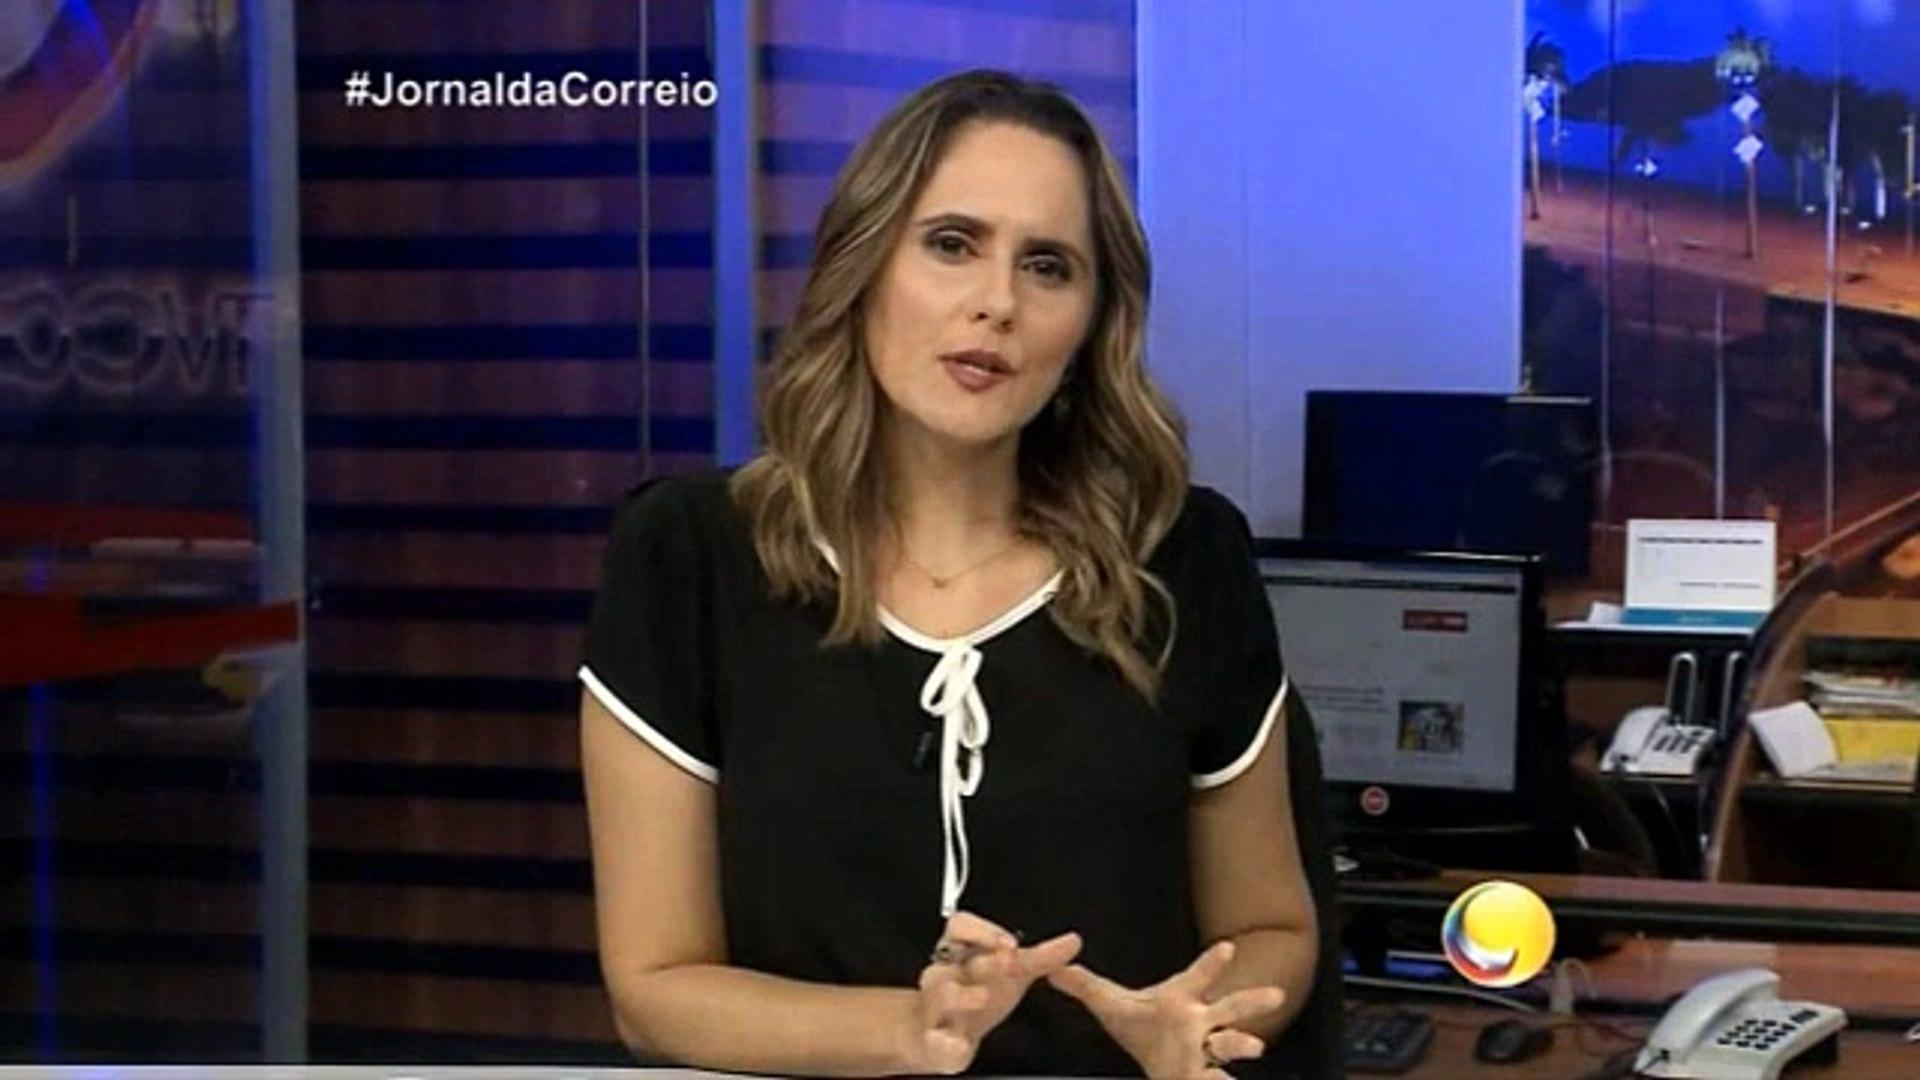 Jornal da Correio - DUAS MULHERES PRESAS EM FLAGRANTE SUSPEITAS DE TENTAR SEQUESTRAR UM BEBE NA MATE